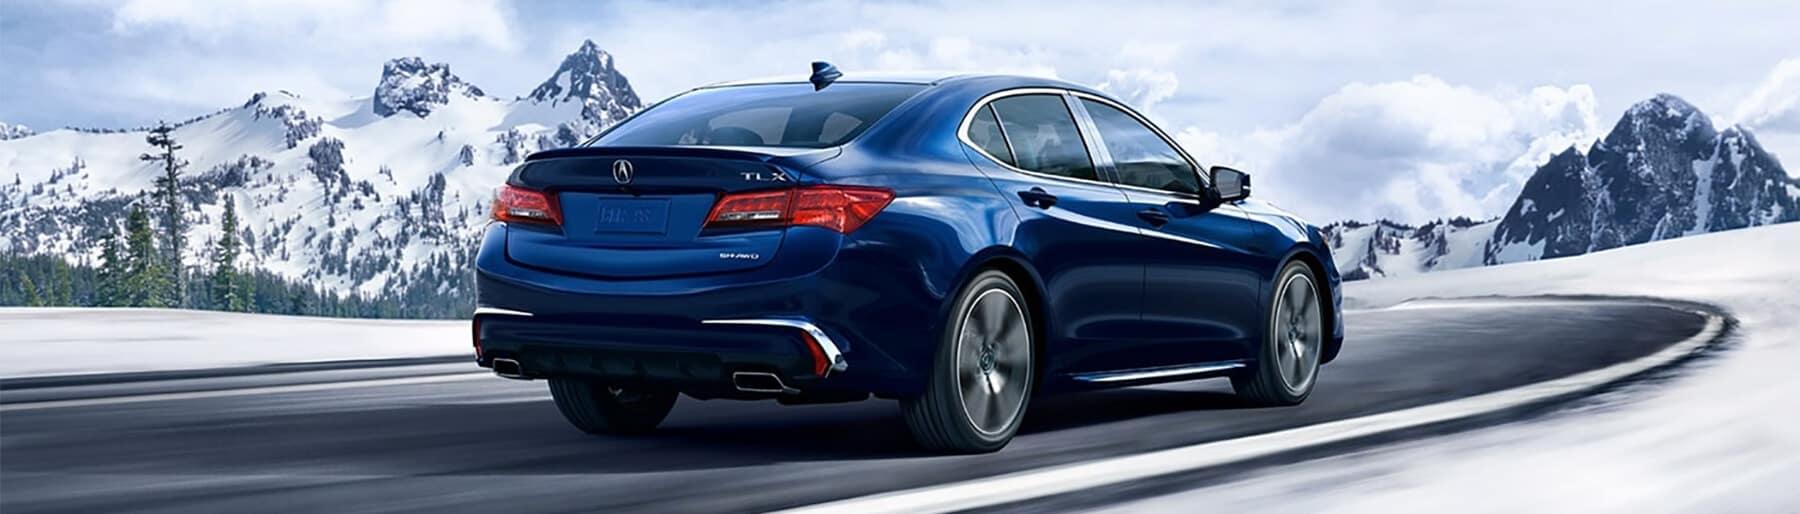 Used Acura TLX SH-AWD Image